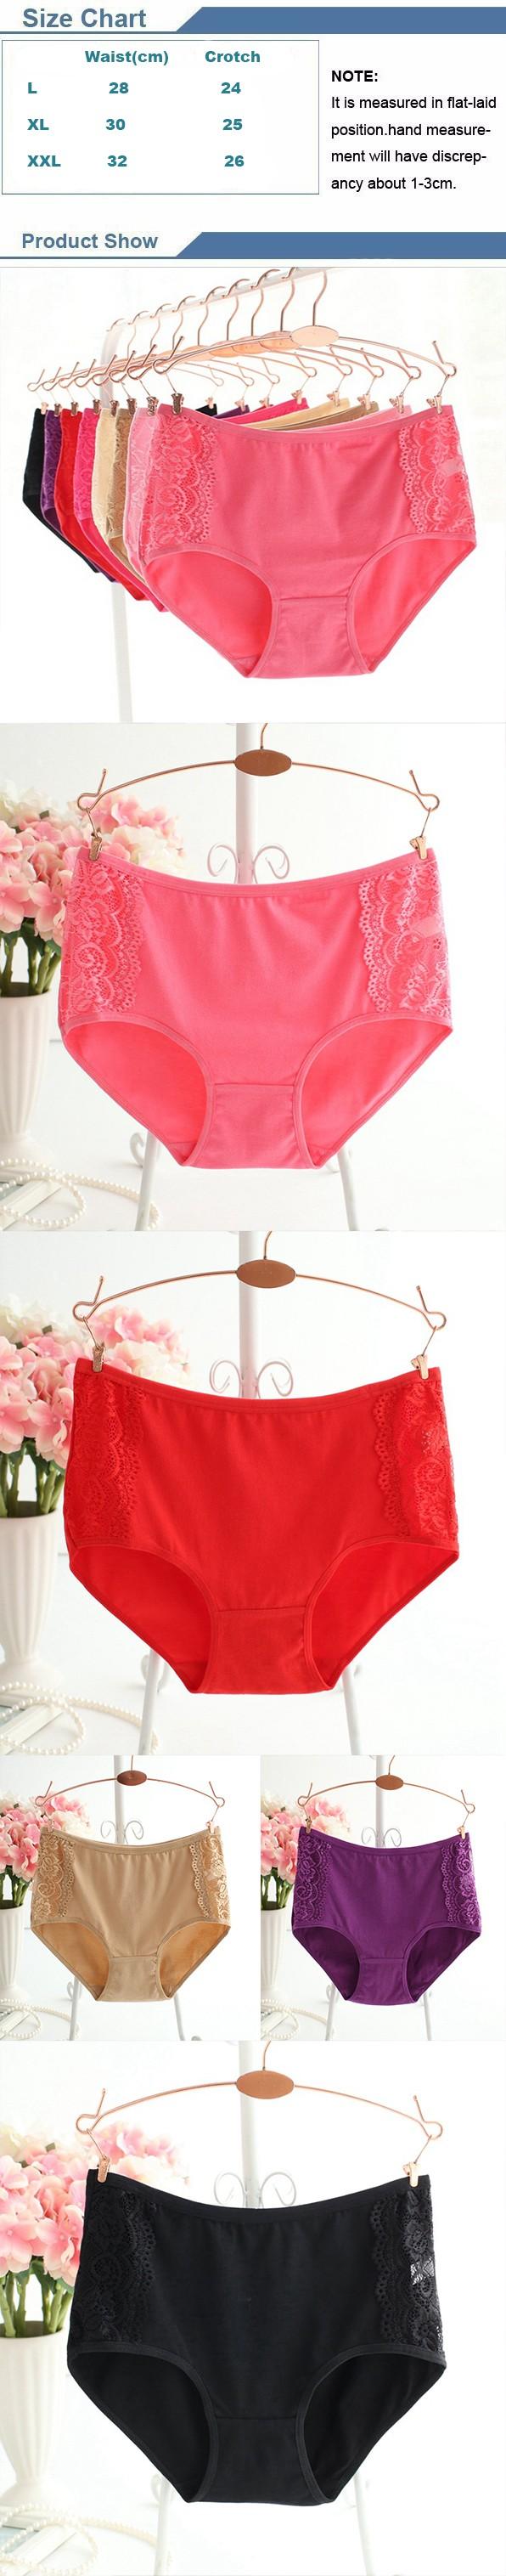 224 underwear women